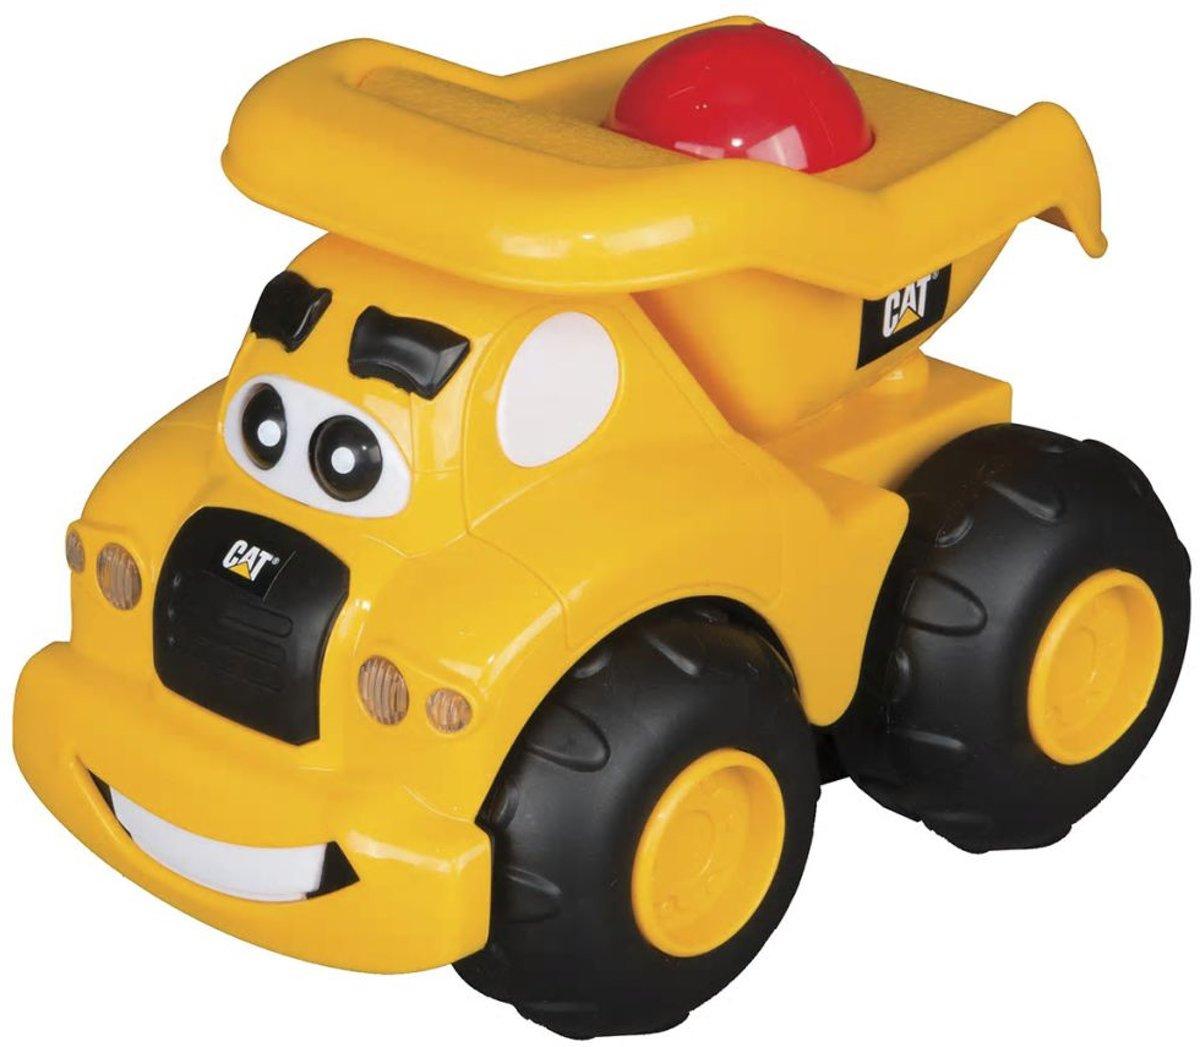 Caterpillar Roll'n Dump Truck